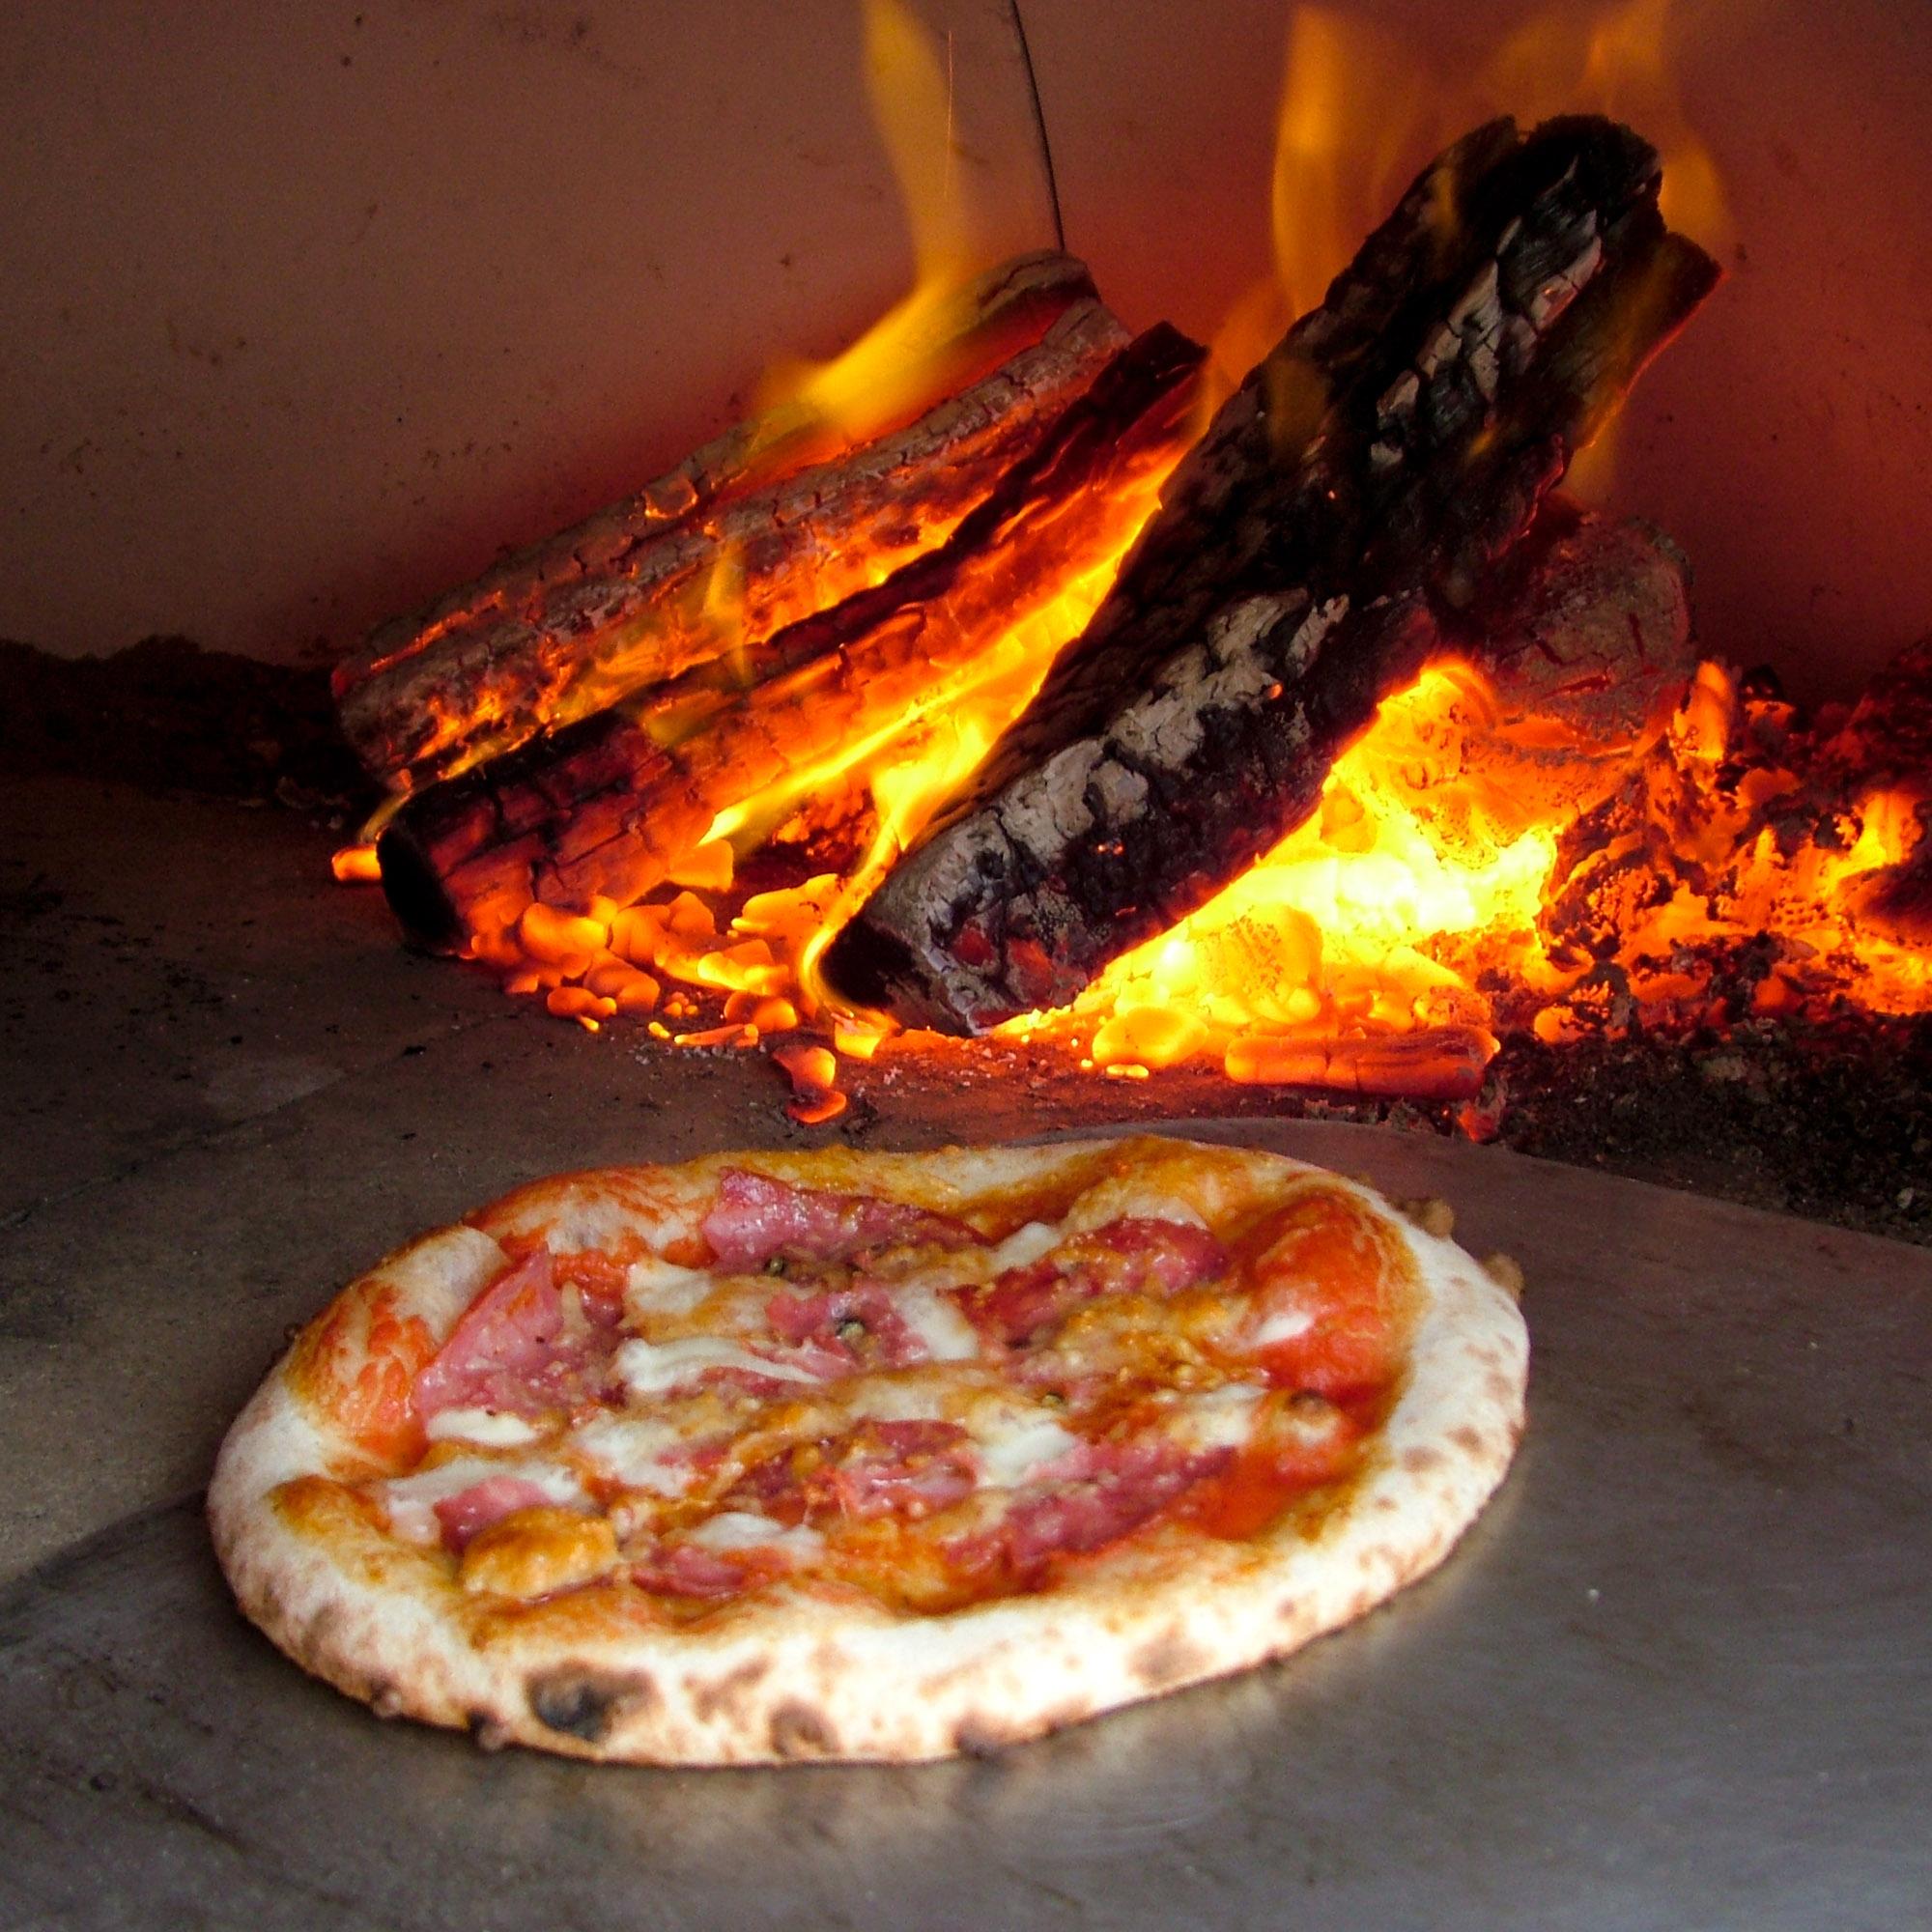 pizzainoven_4.jpg